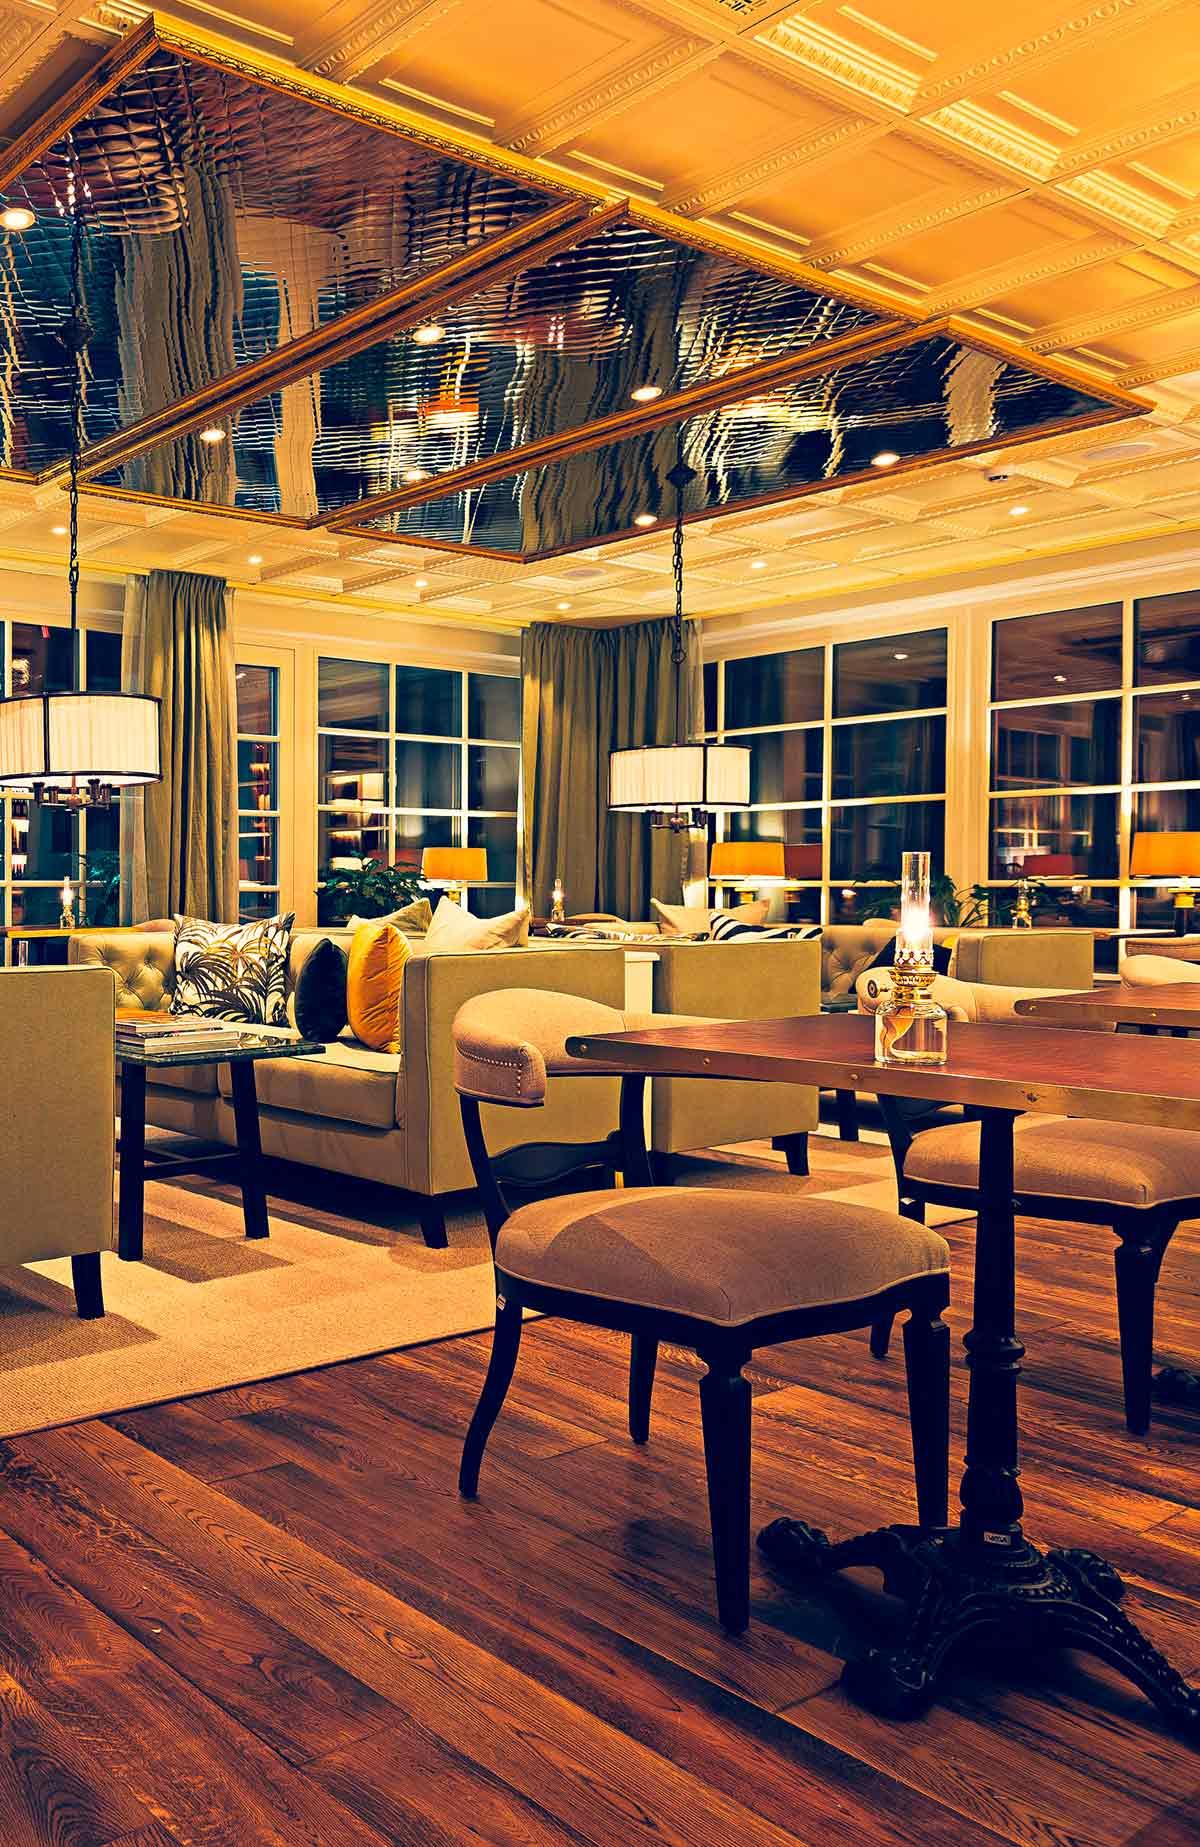 Boka bord och upplev den härliga atmosfären i Restaurang Köket på Falkenberg Strandbad